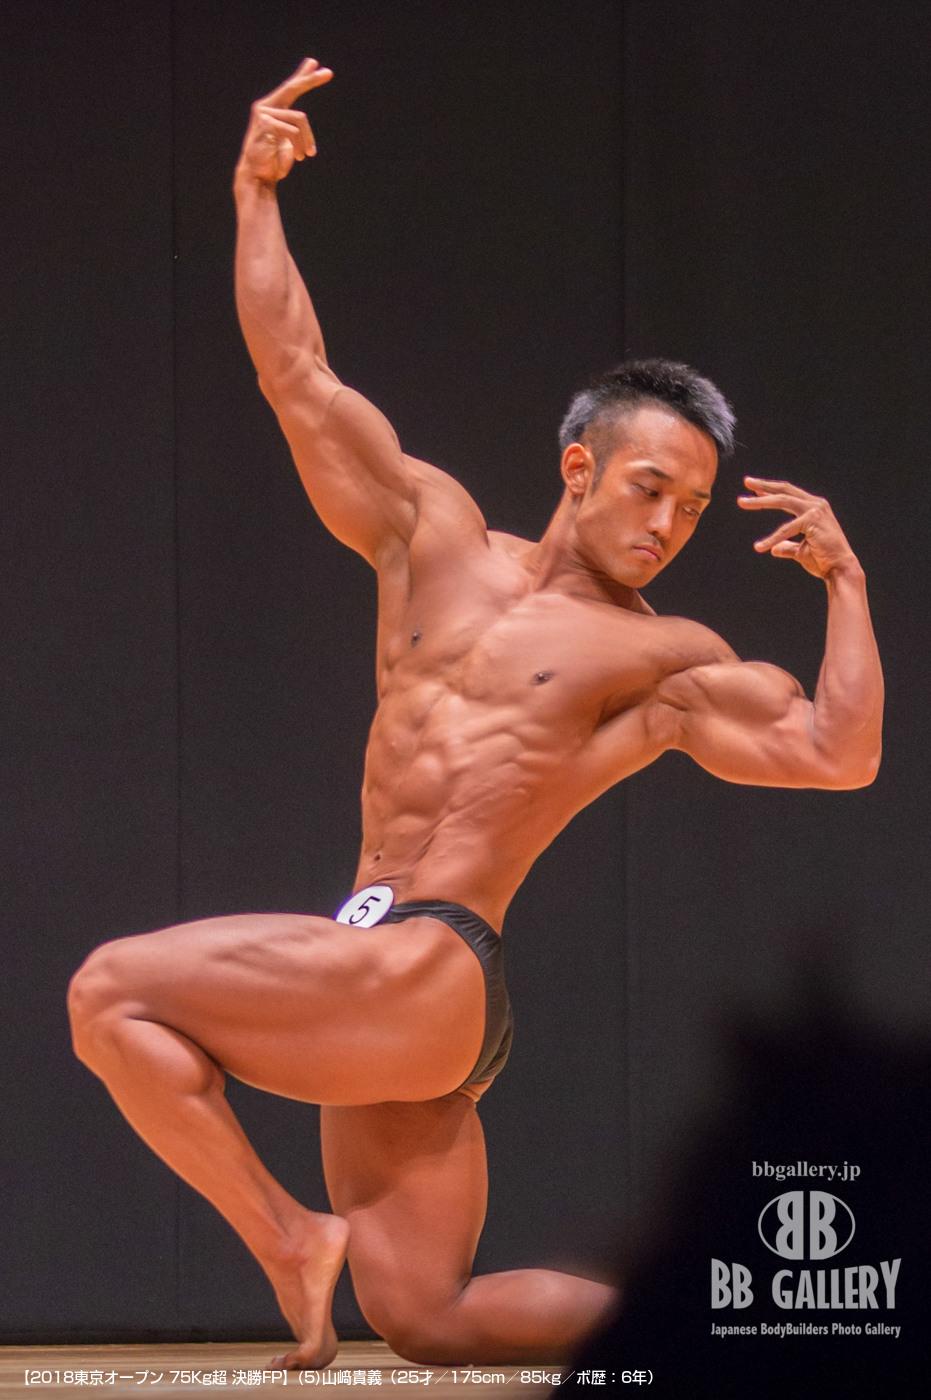 【2018東京オープン 75Kg超 決勝FP】(5)山﨑貴義(25才/175cm/85kg/ボ歴:6年)